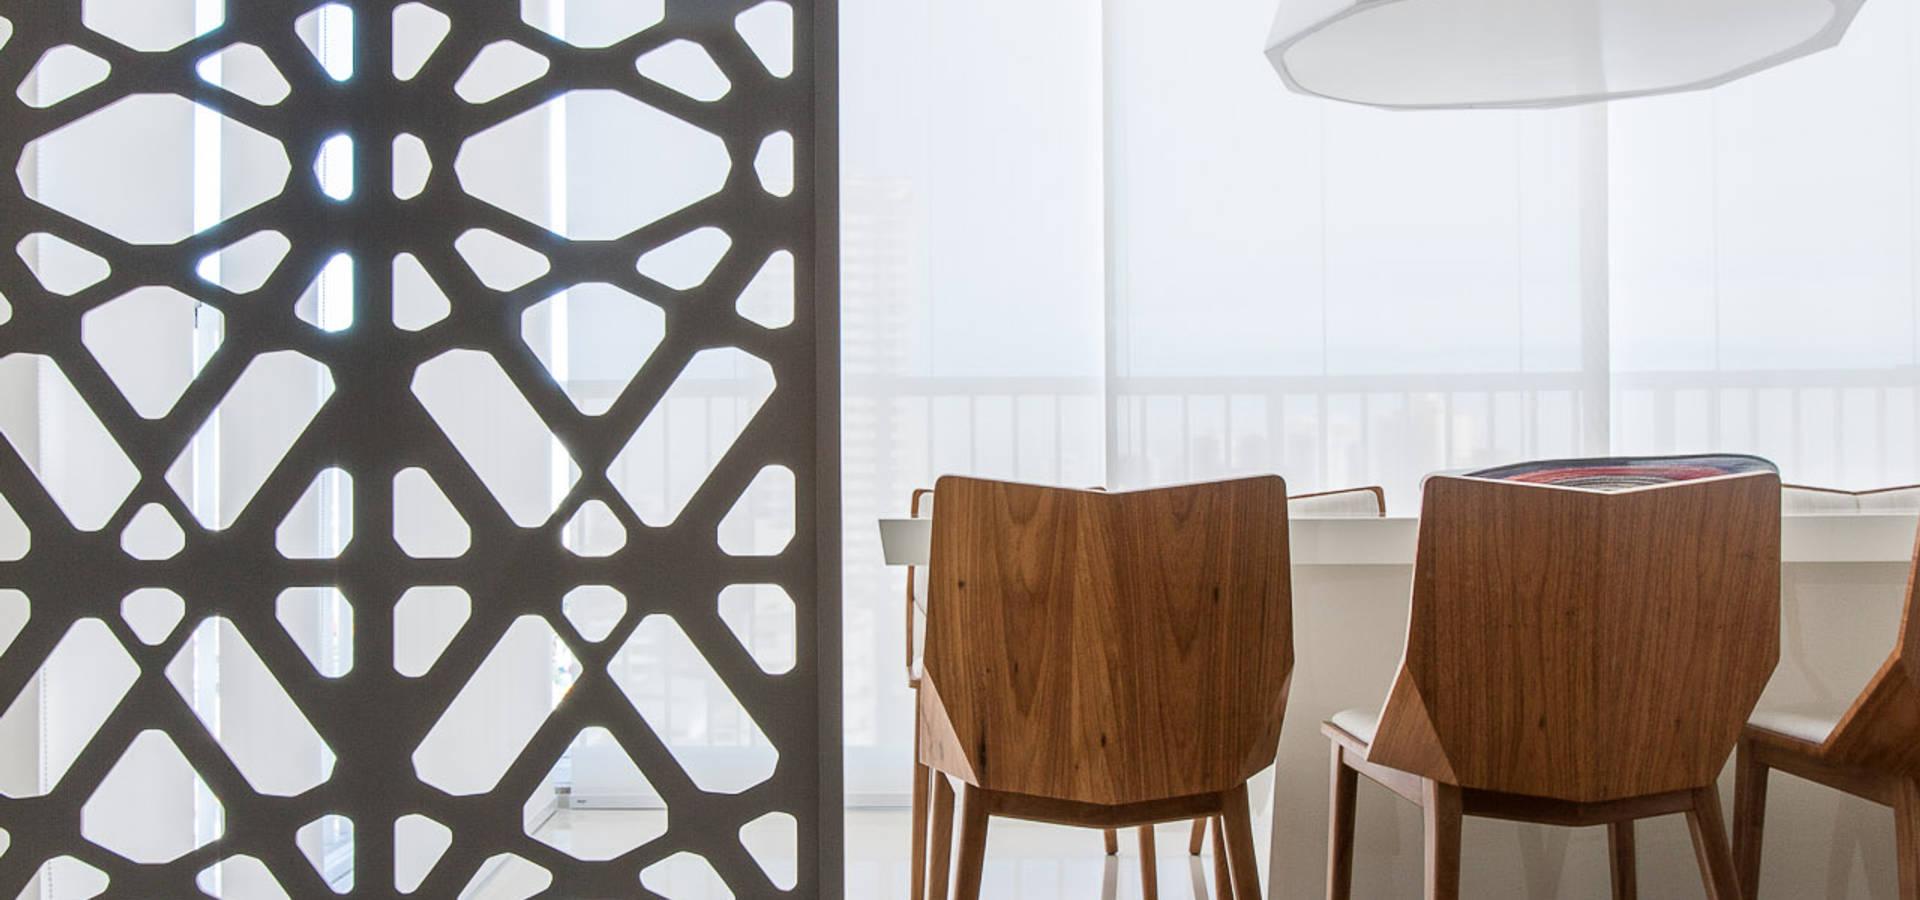 Rosana Pintor Arquitetura e Interiores